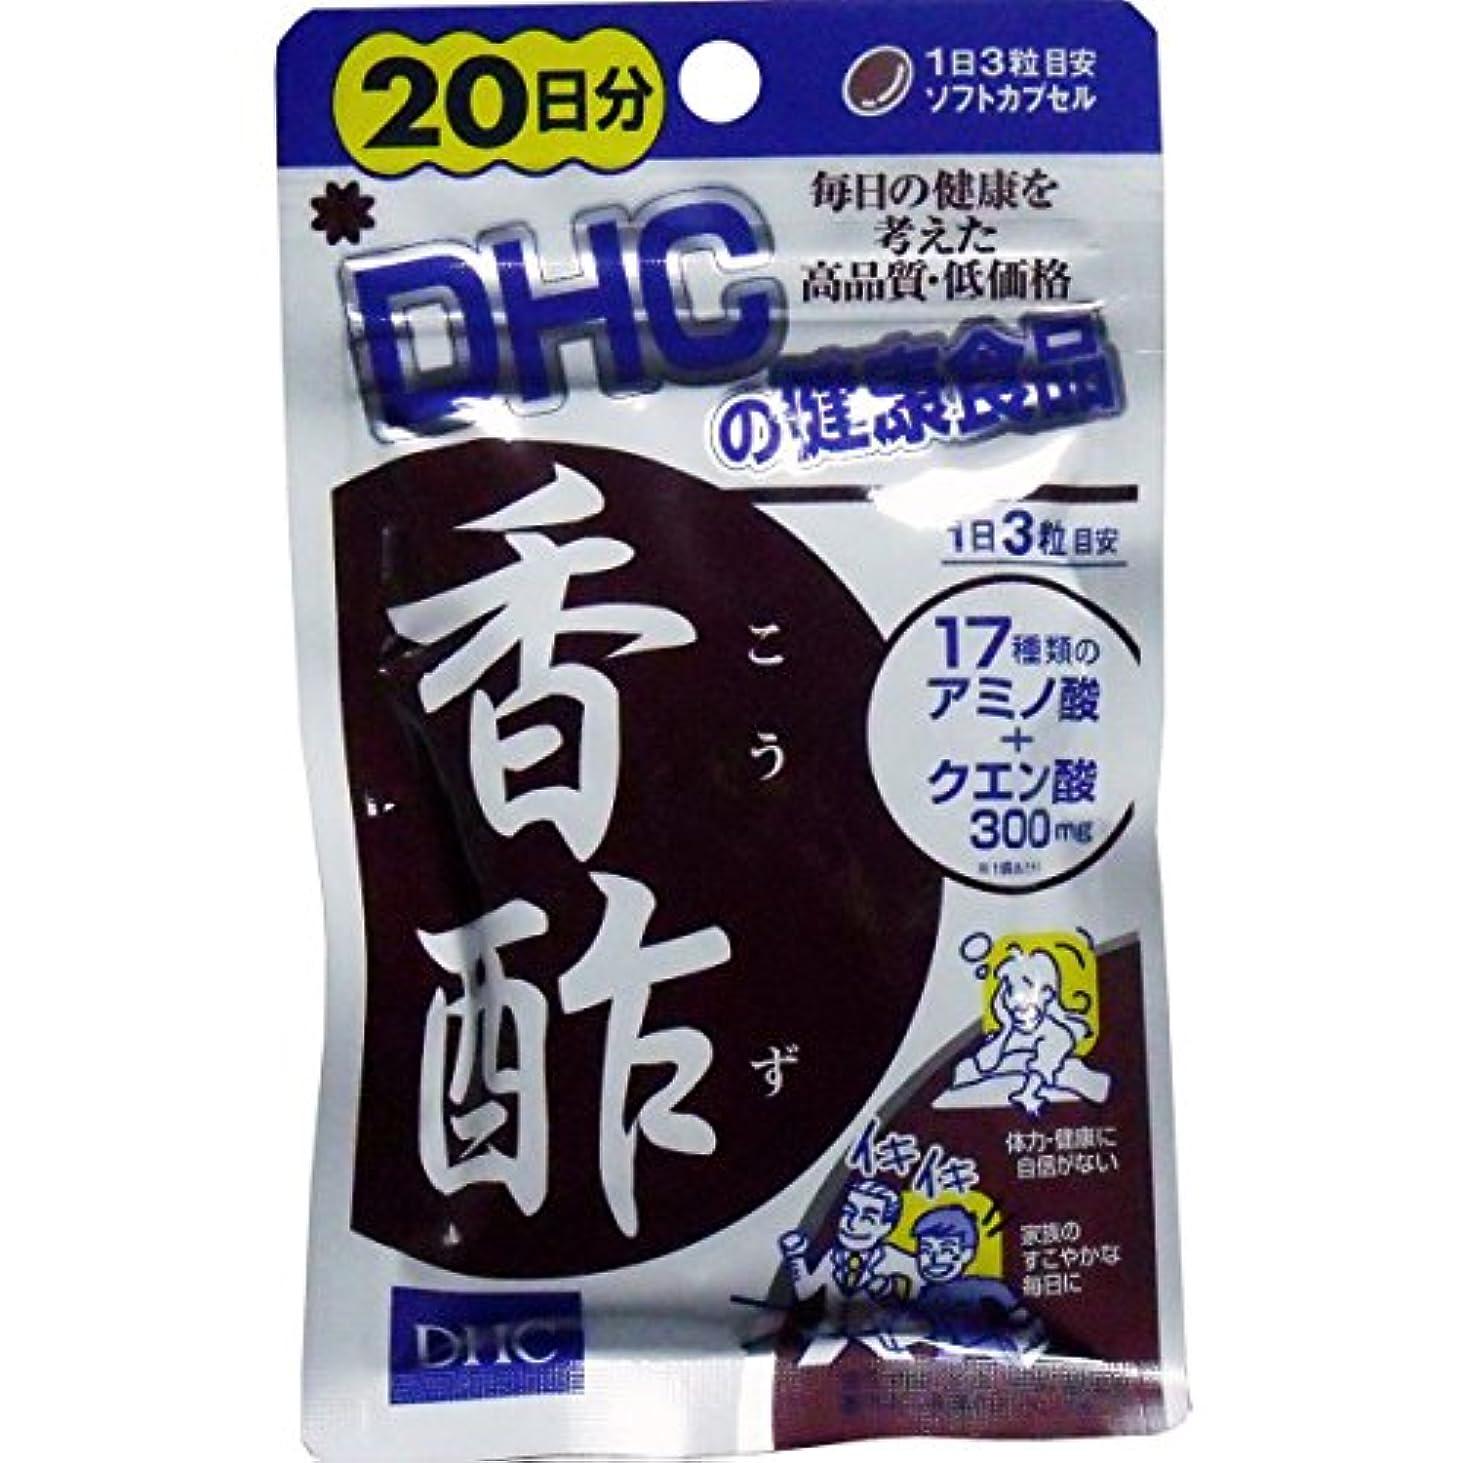 トランペットエスカレーター投資DHC 香酢 60粒 29.4g